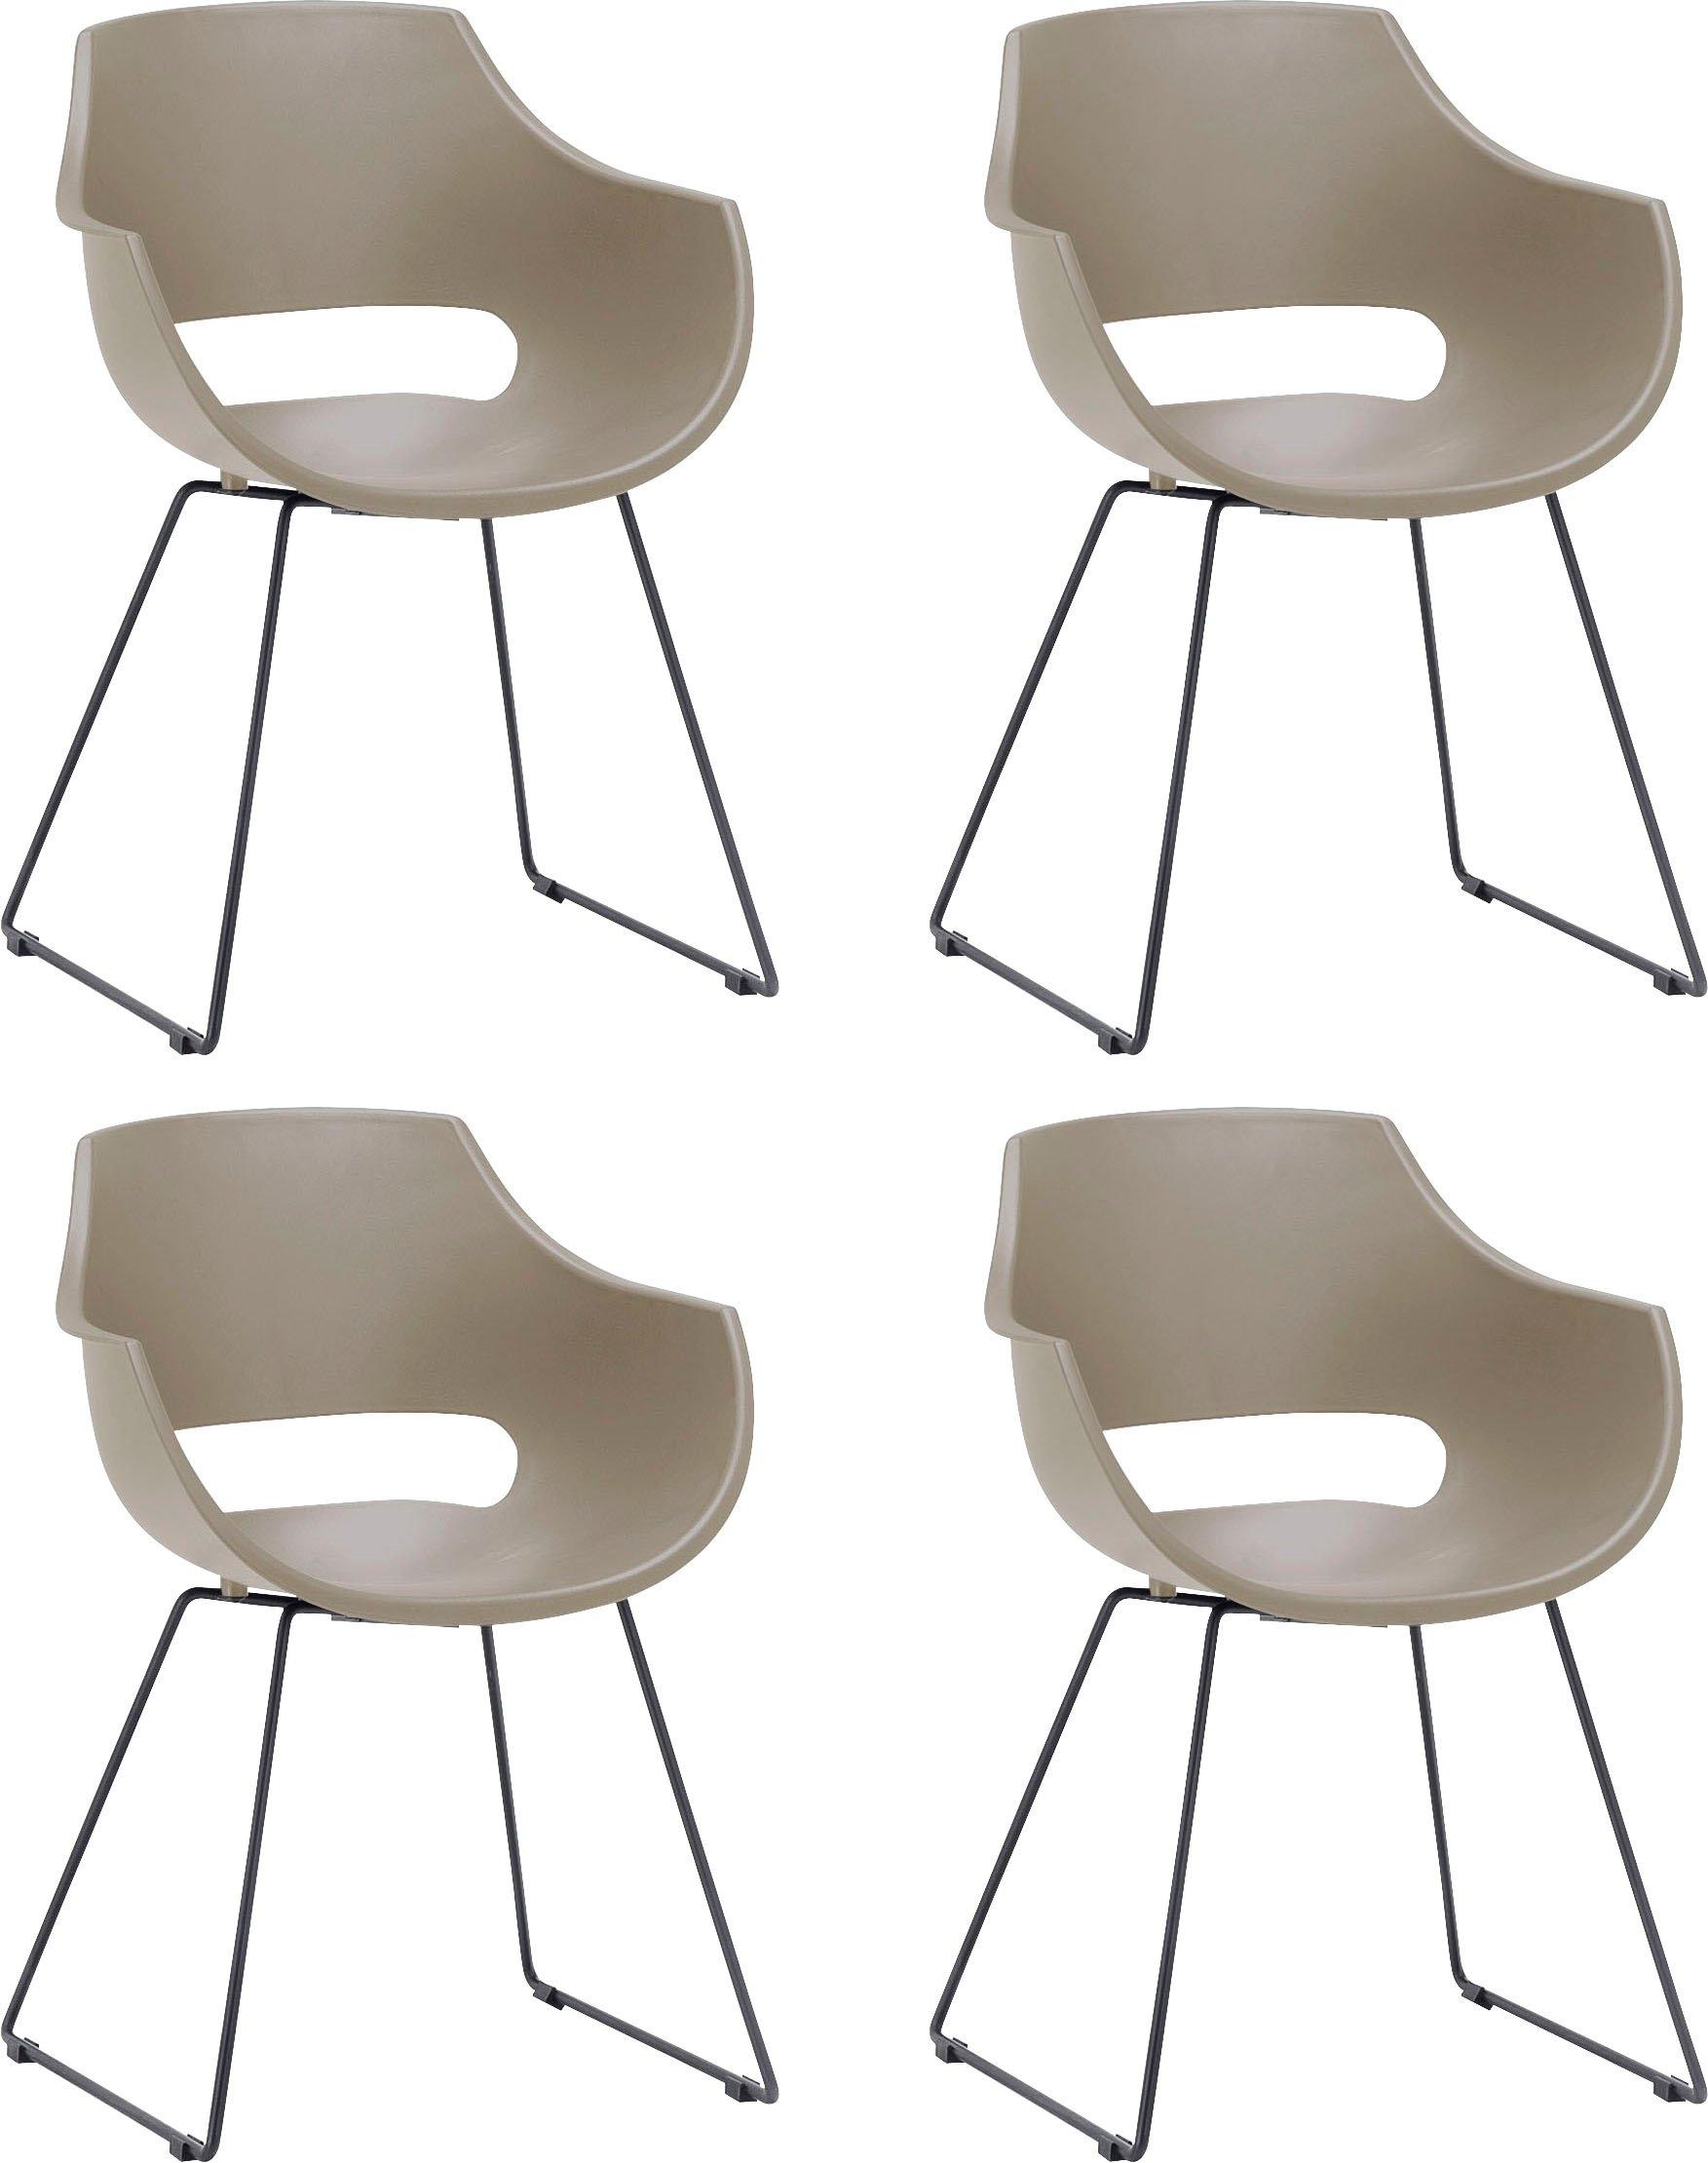 MCA furniture Kuipstoel Rockville Stoel belastbaar tot 120 kg (set, 4 stuks) bestellen: 30 dagen bedenktijd